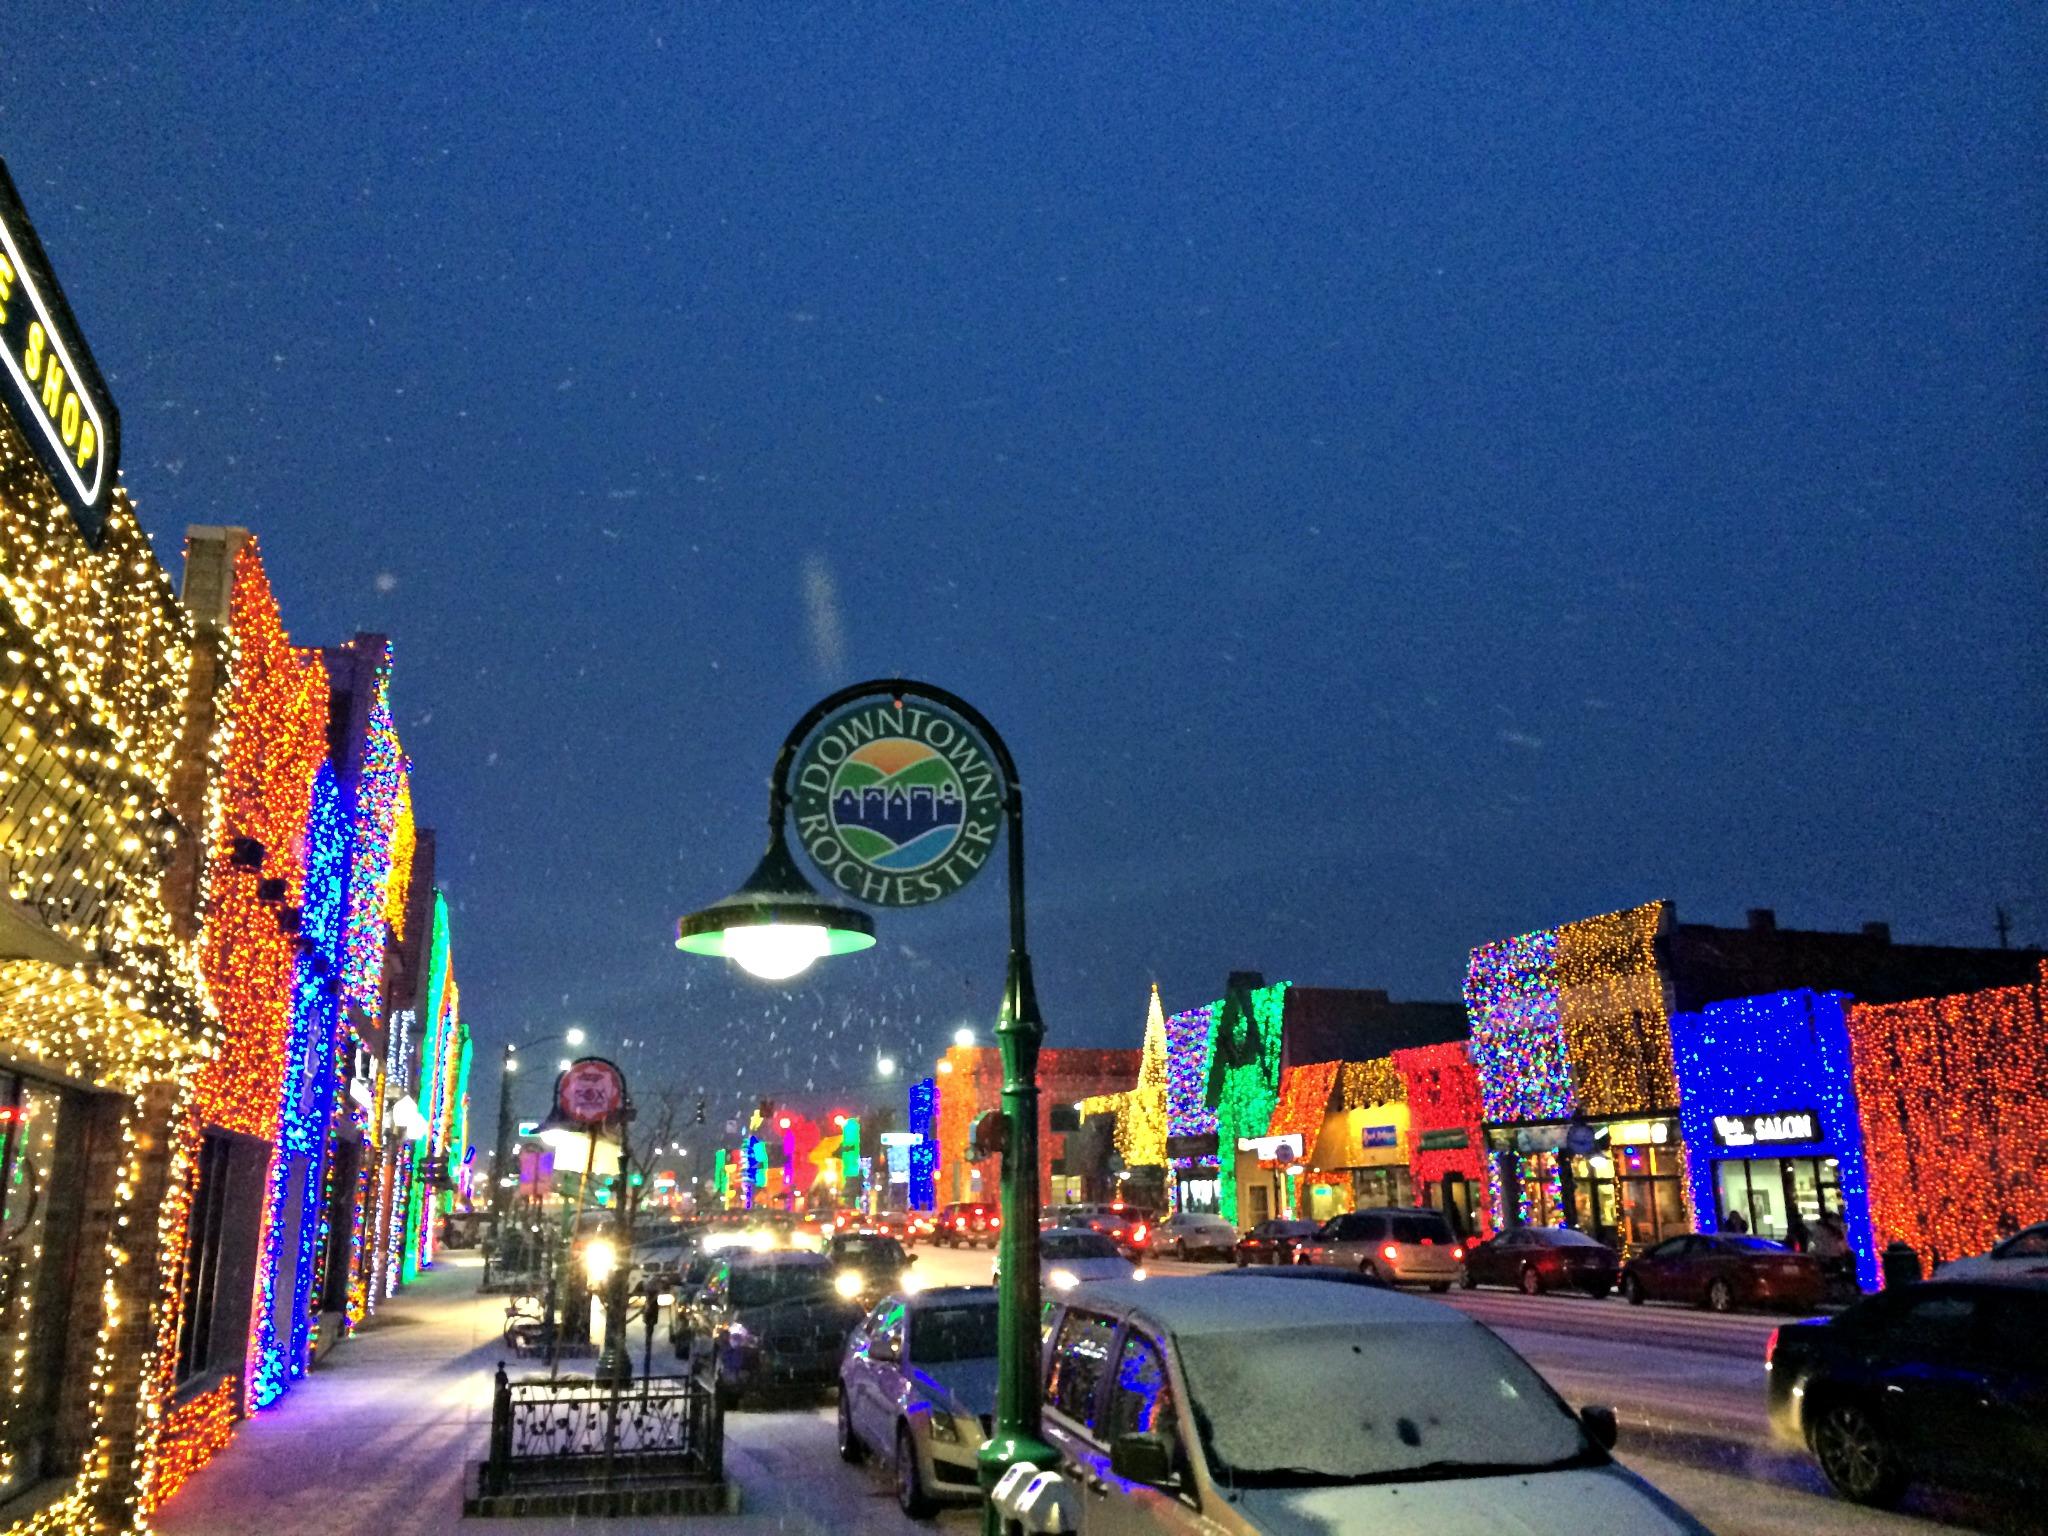 Downtown Rochester Lights winter 2014